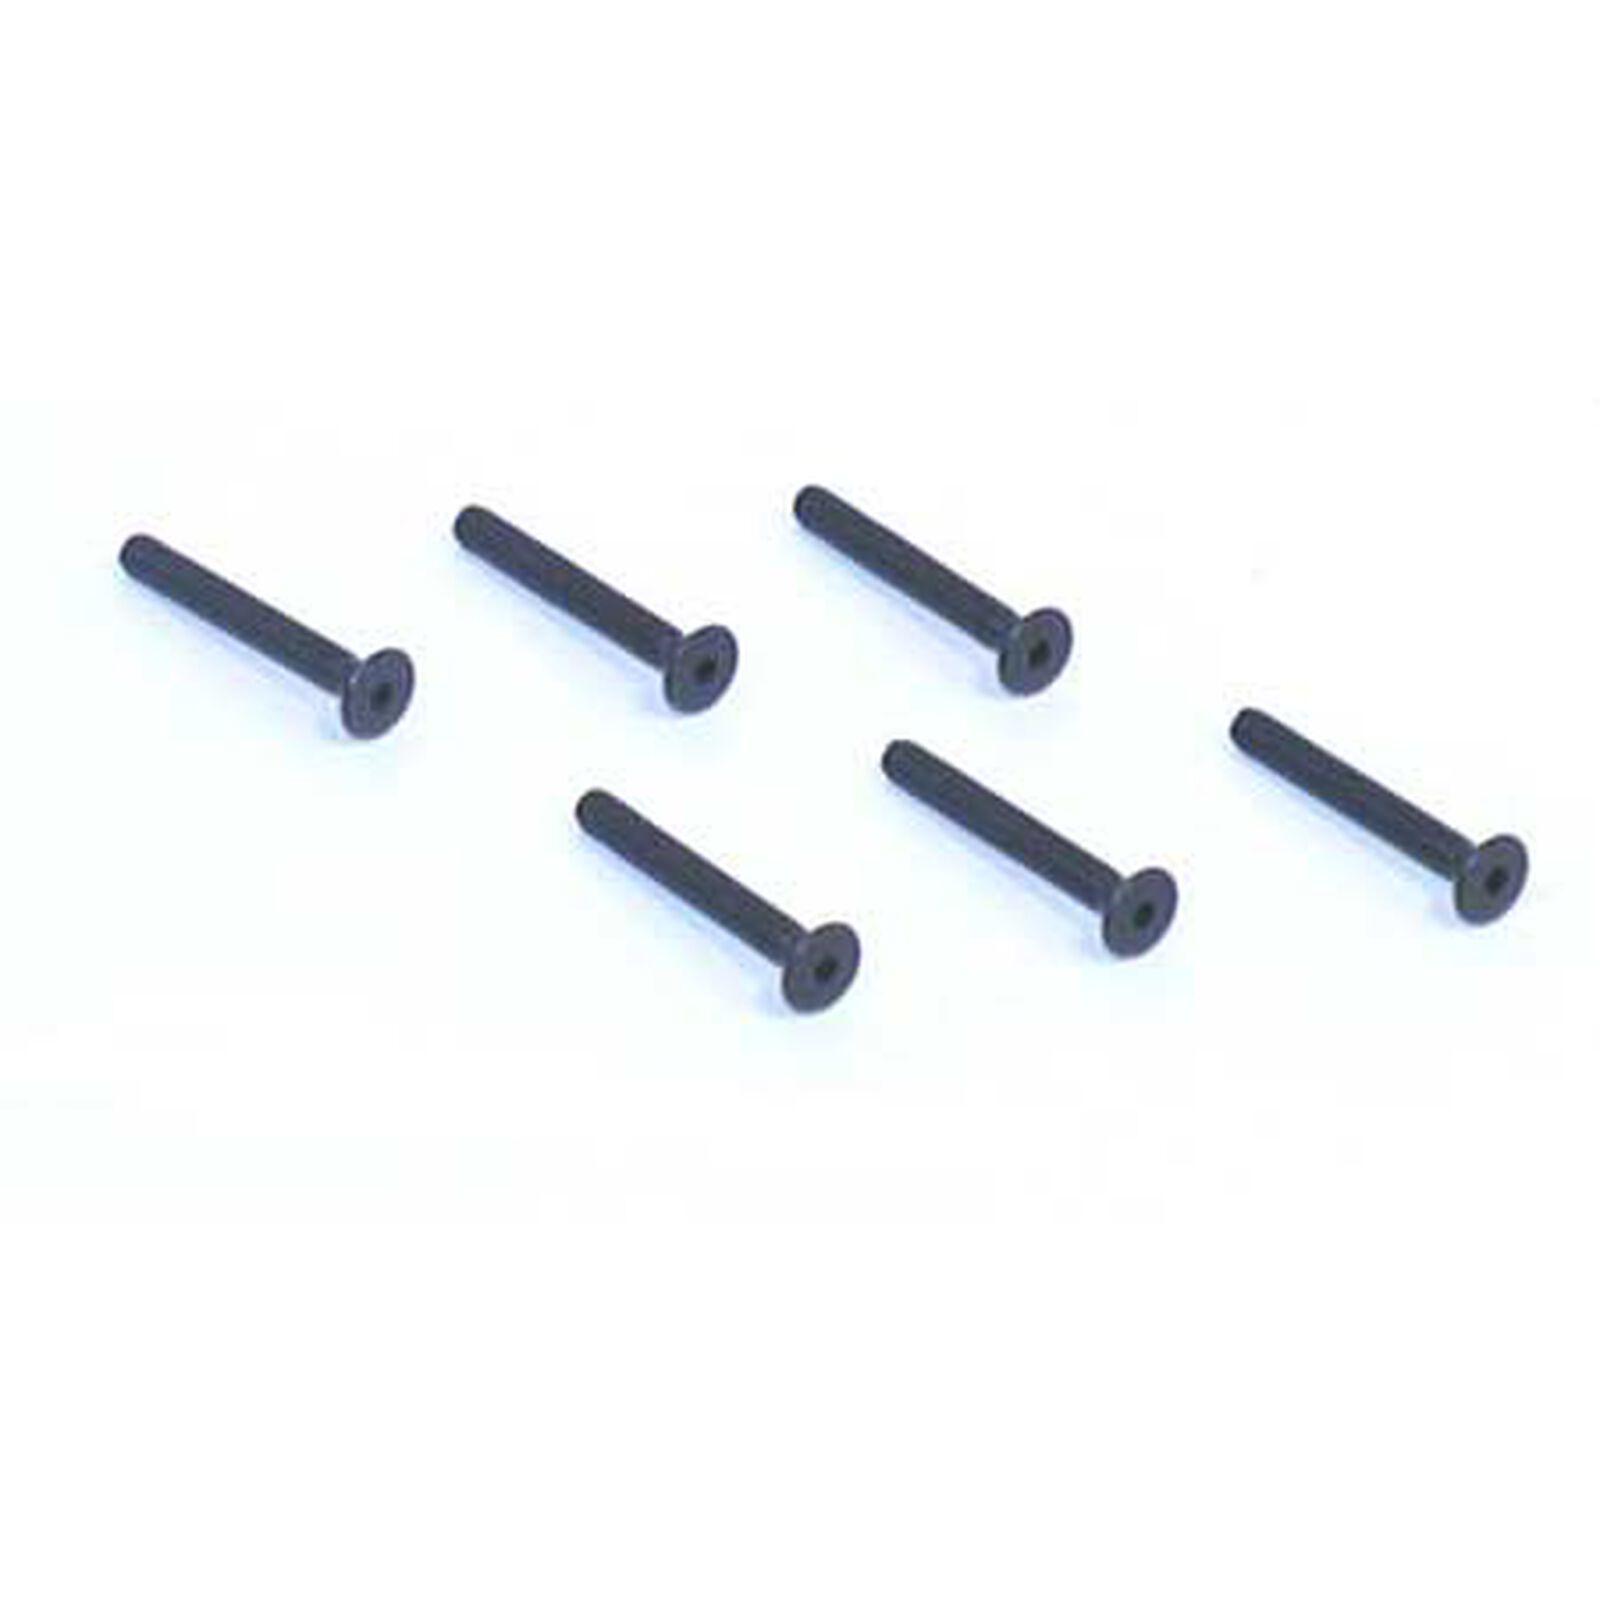 """Flat Head Screws, 4-40 x 7/8"""" (6)"""